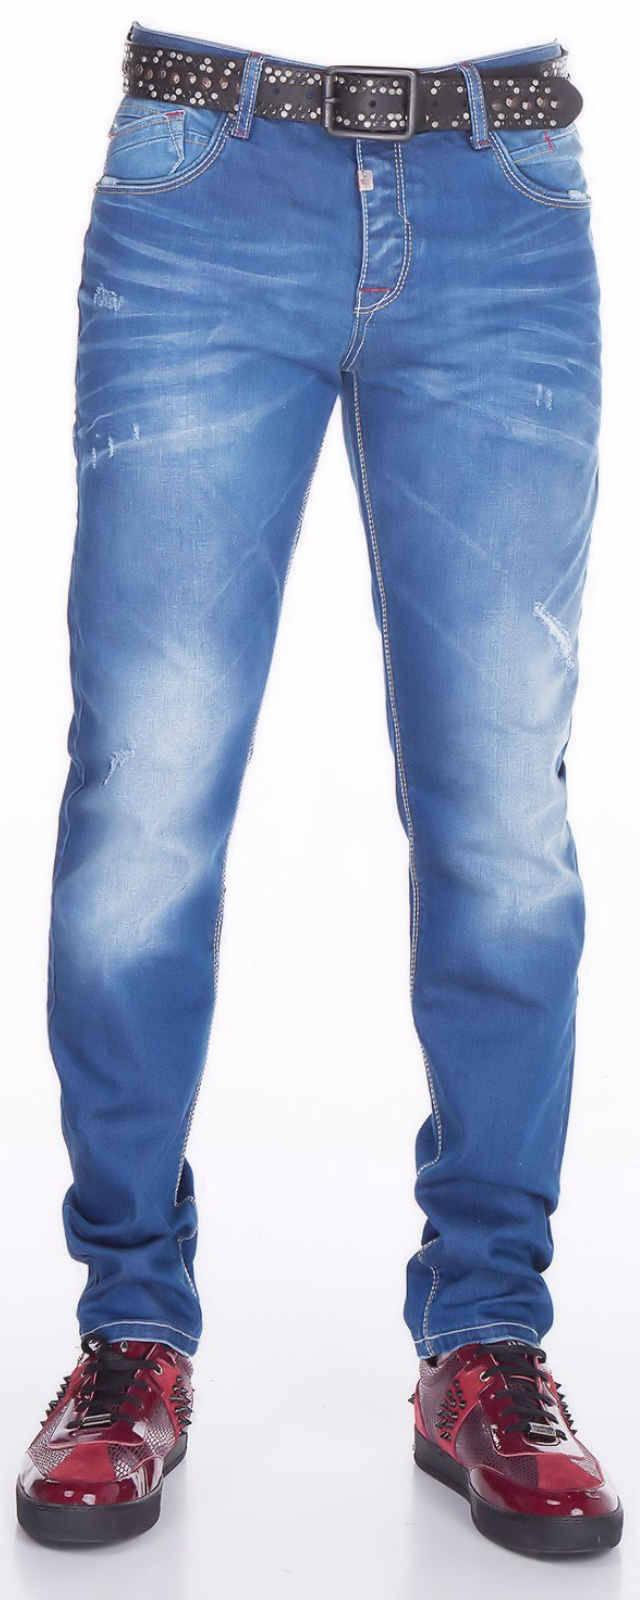 CIPO-amp-BAXX-Herren-Jeans-CD386-NEU-Hose-Slim-Fit-Enges-Bein-Denim-Stretch Indexbild 7